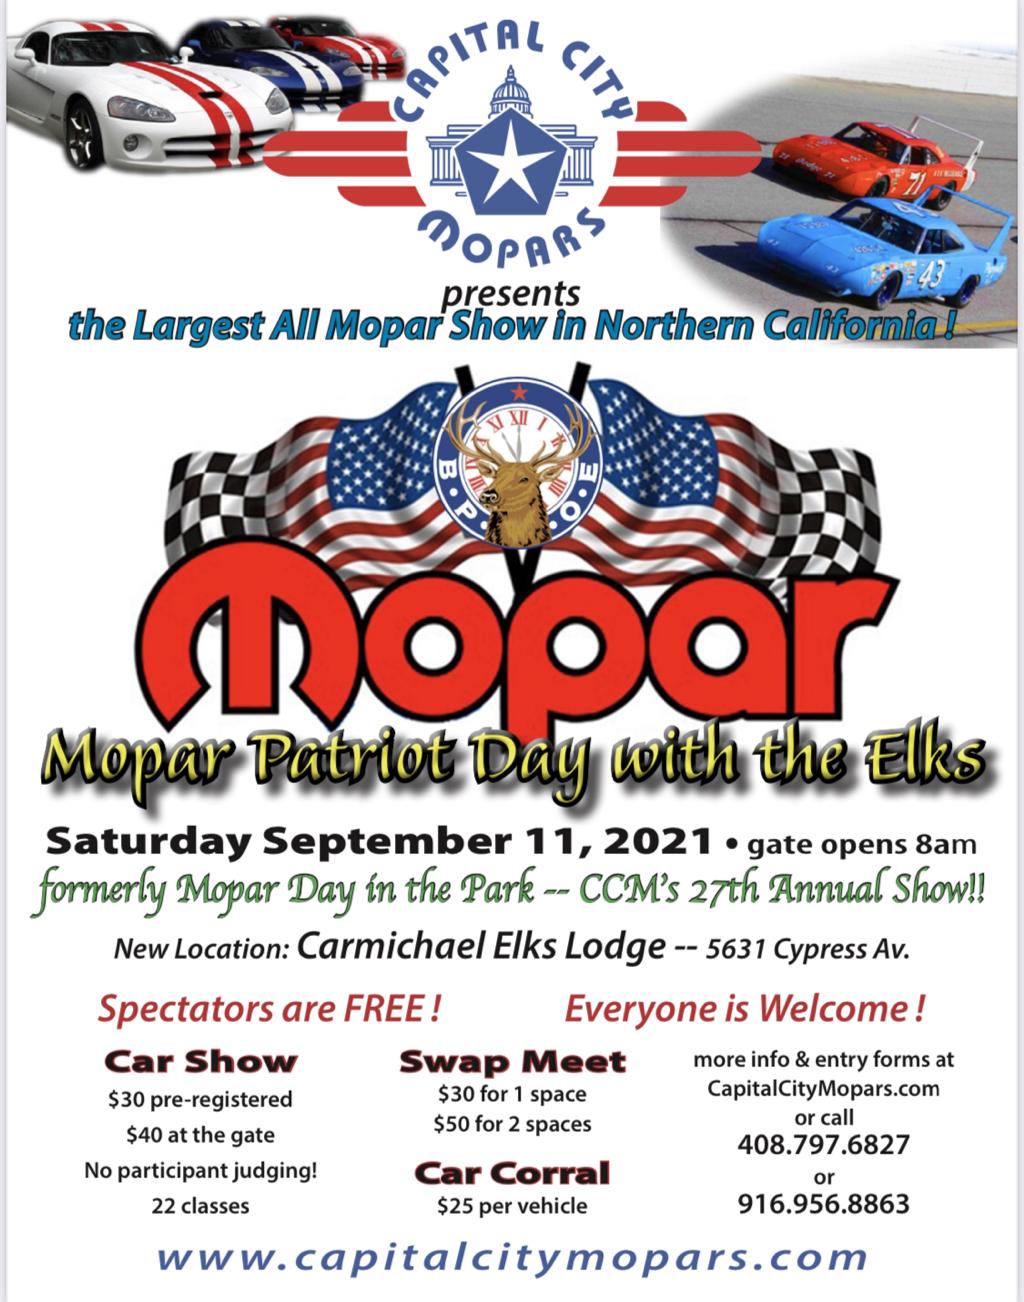 Mopar Patriot Day with the Elks